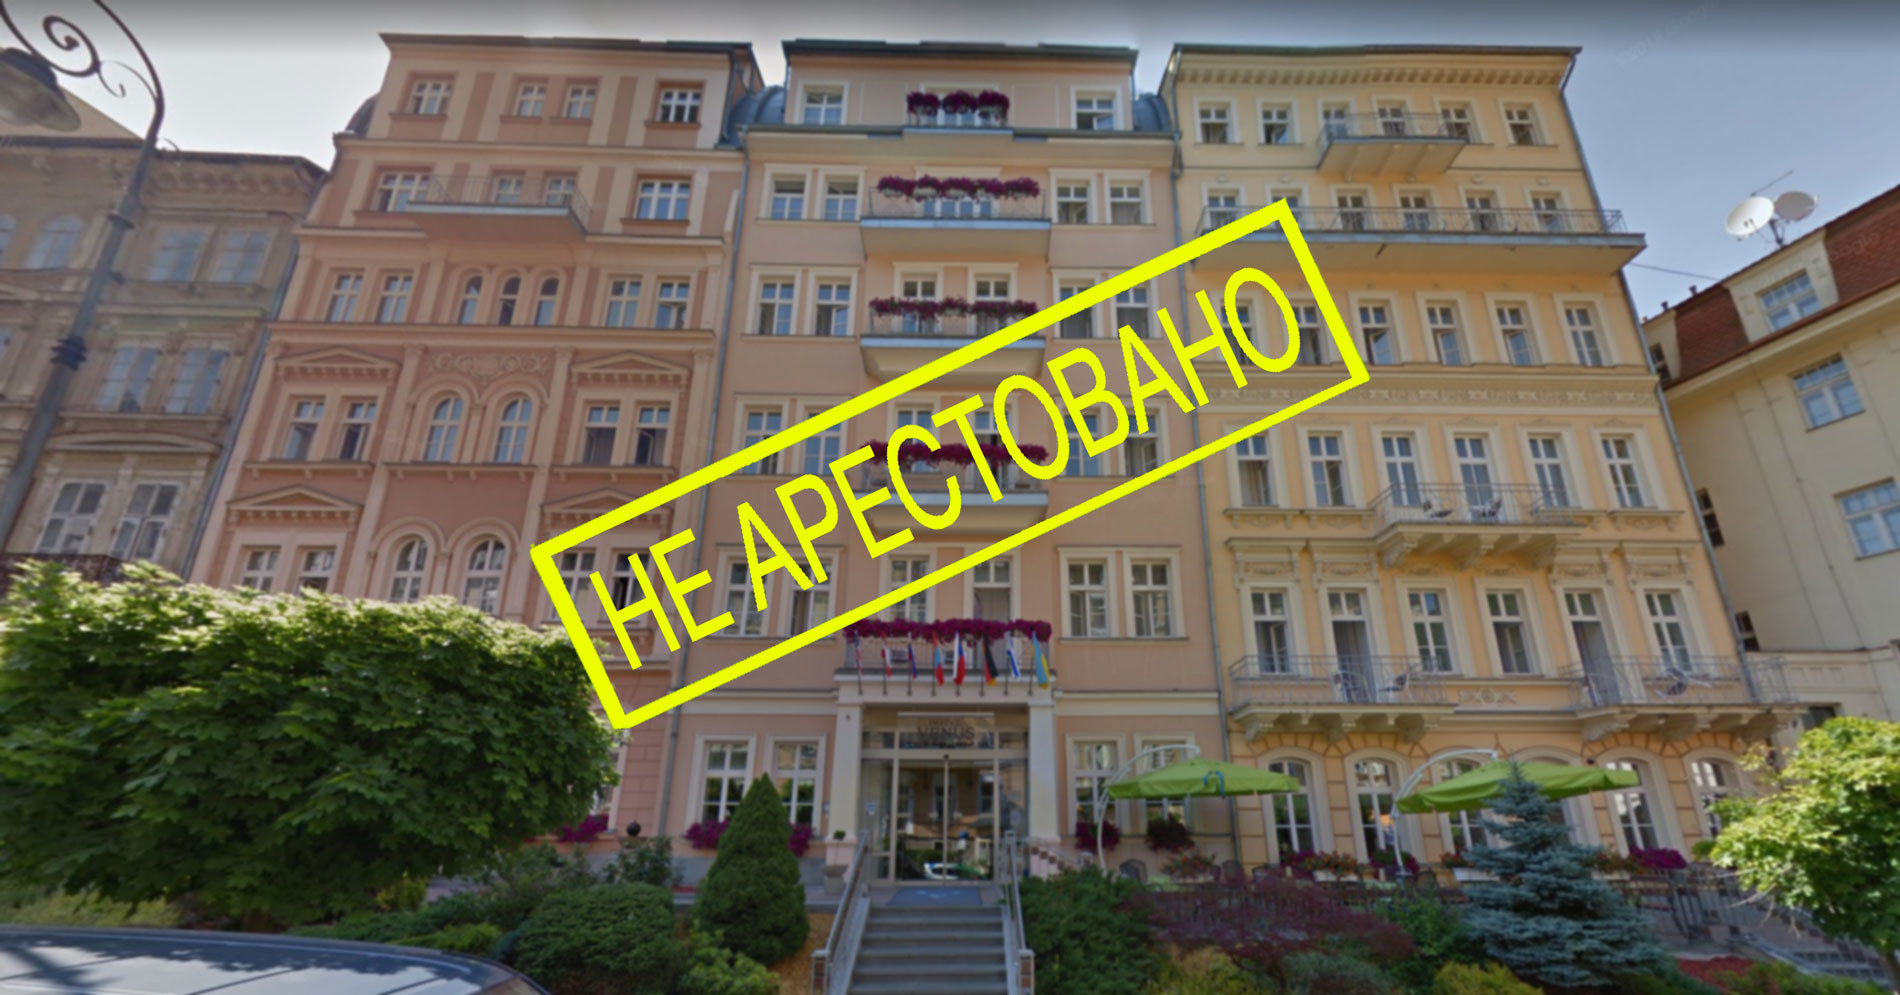 Жилая и гостиничная недвижимость в Карловых Варах. Фото © Google Maps